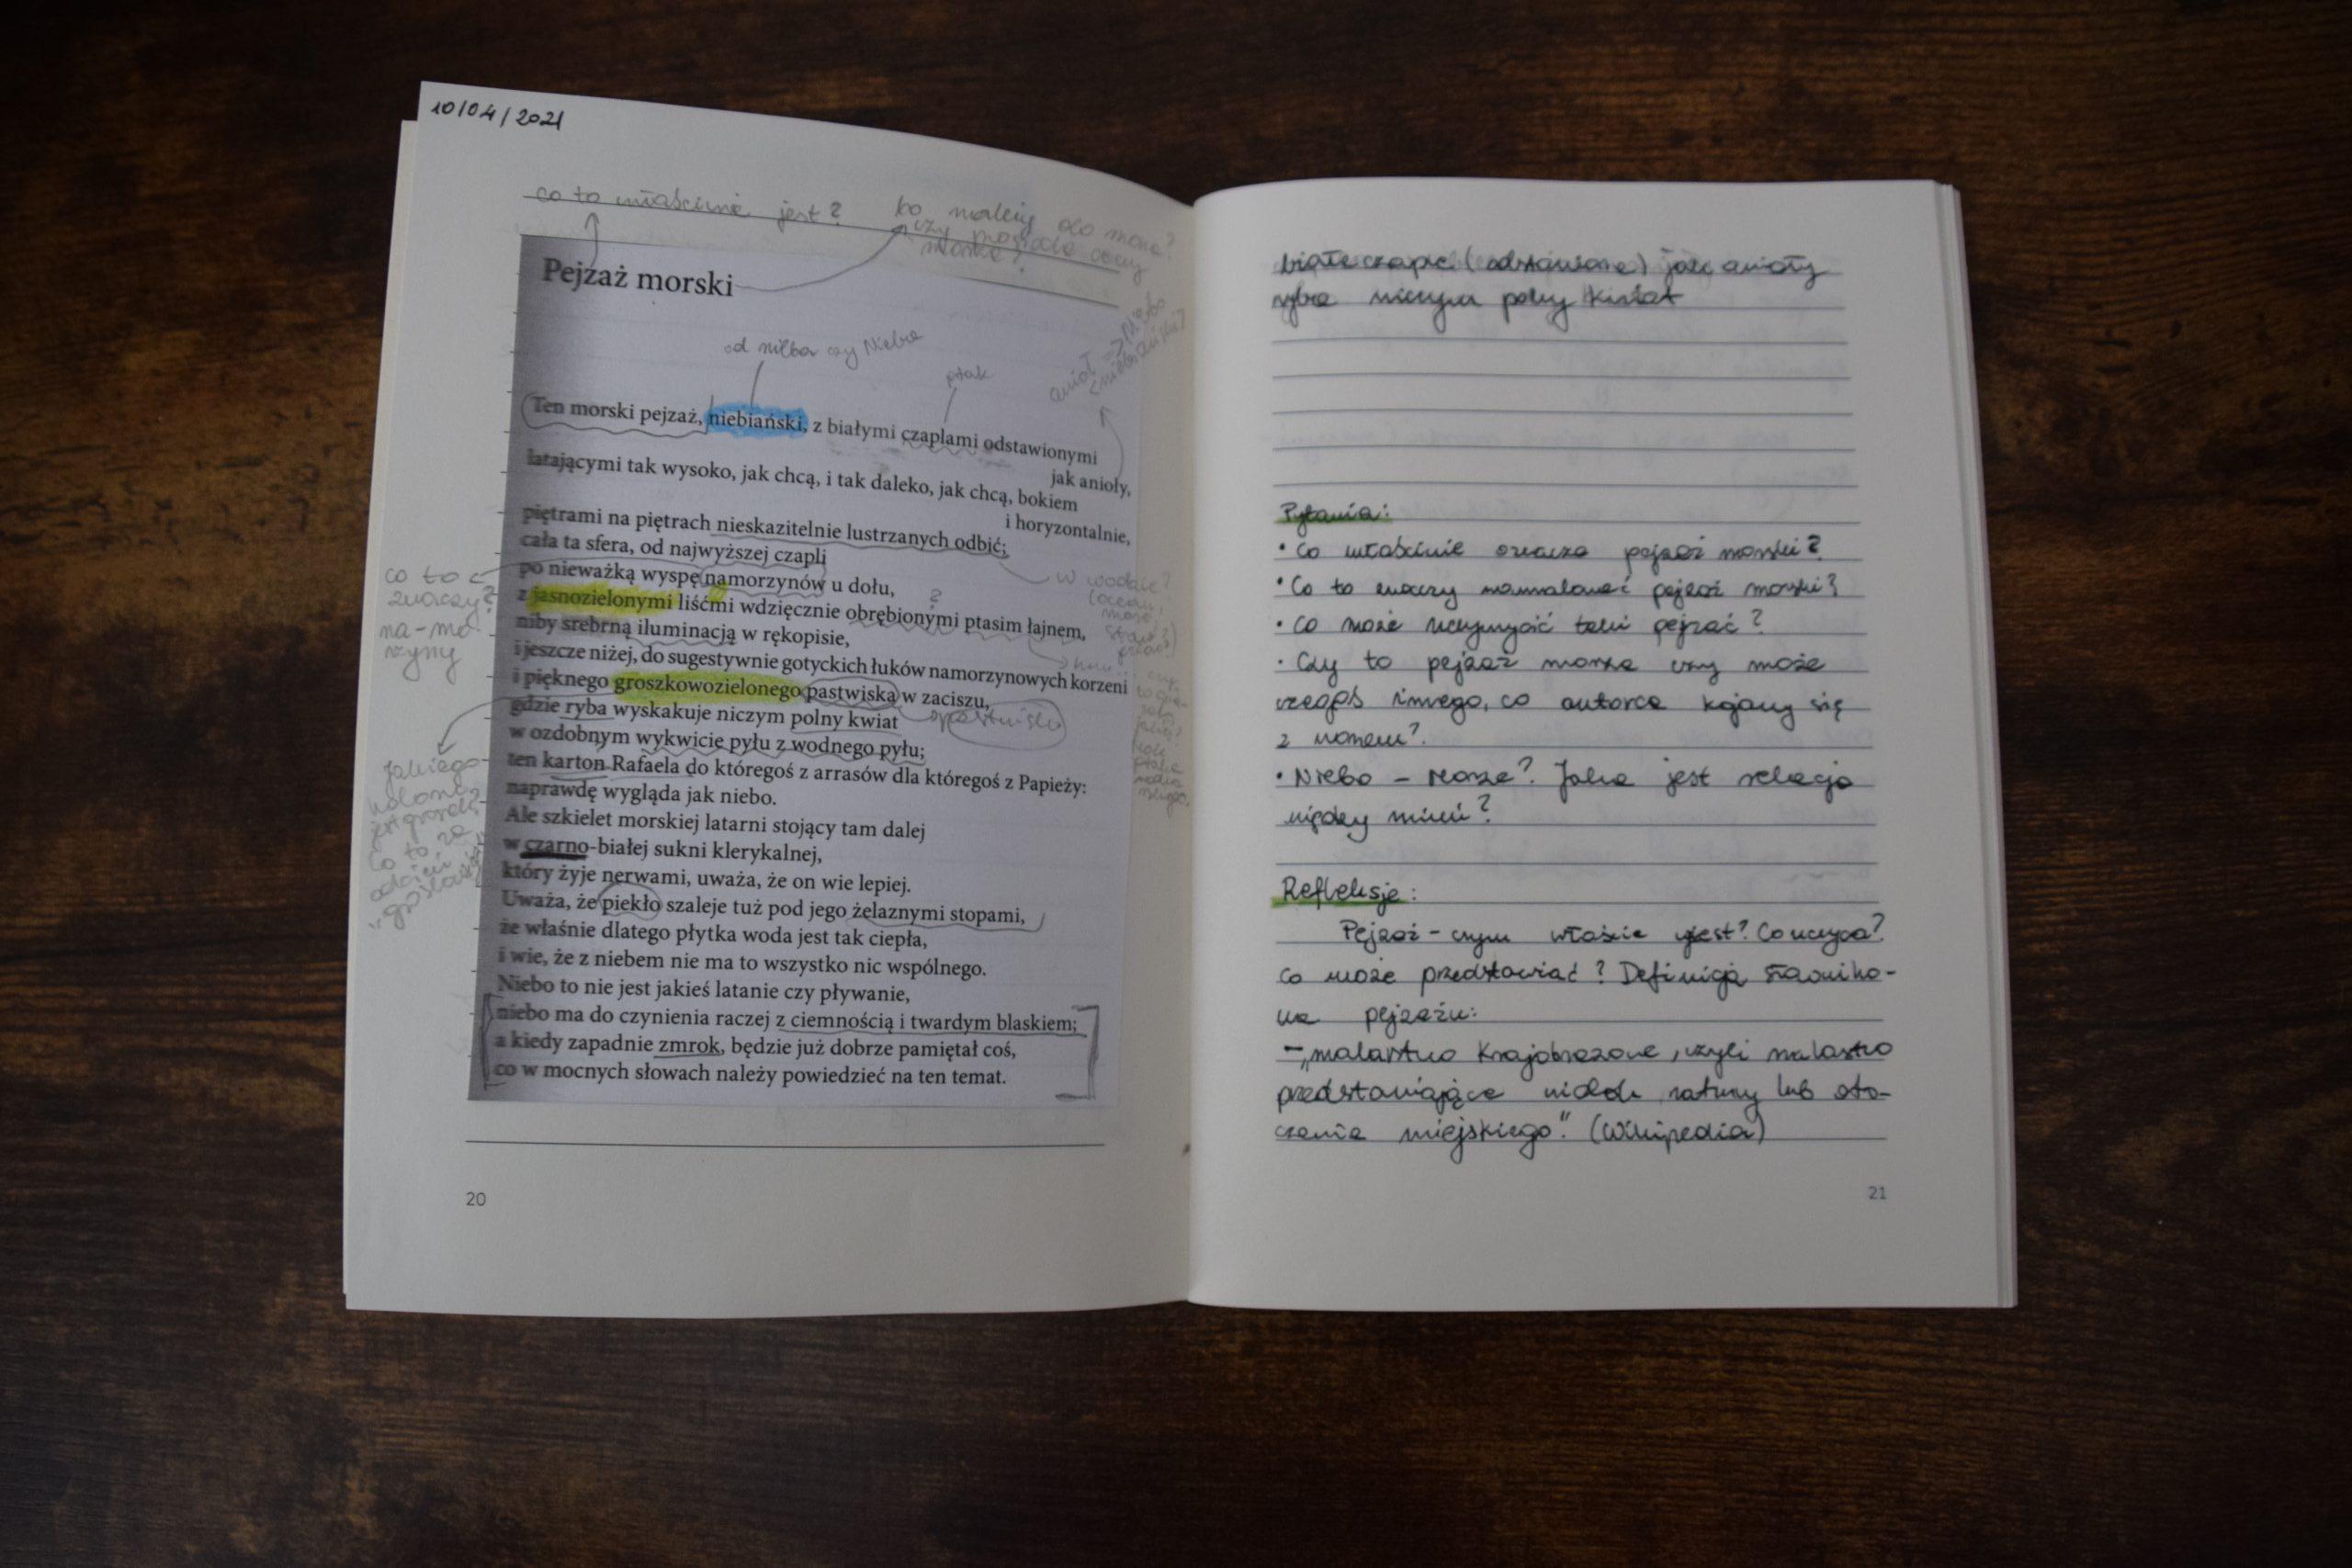 Samanta - notatki z poezji